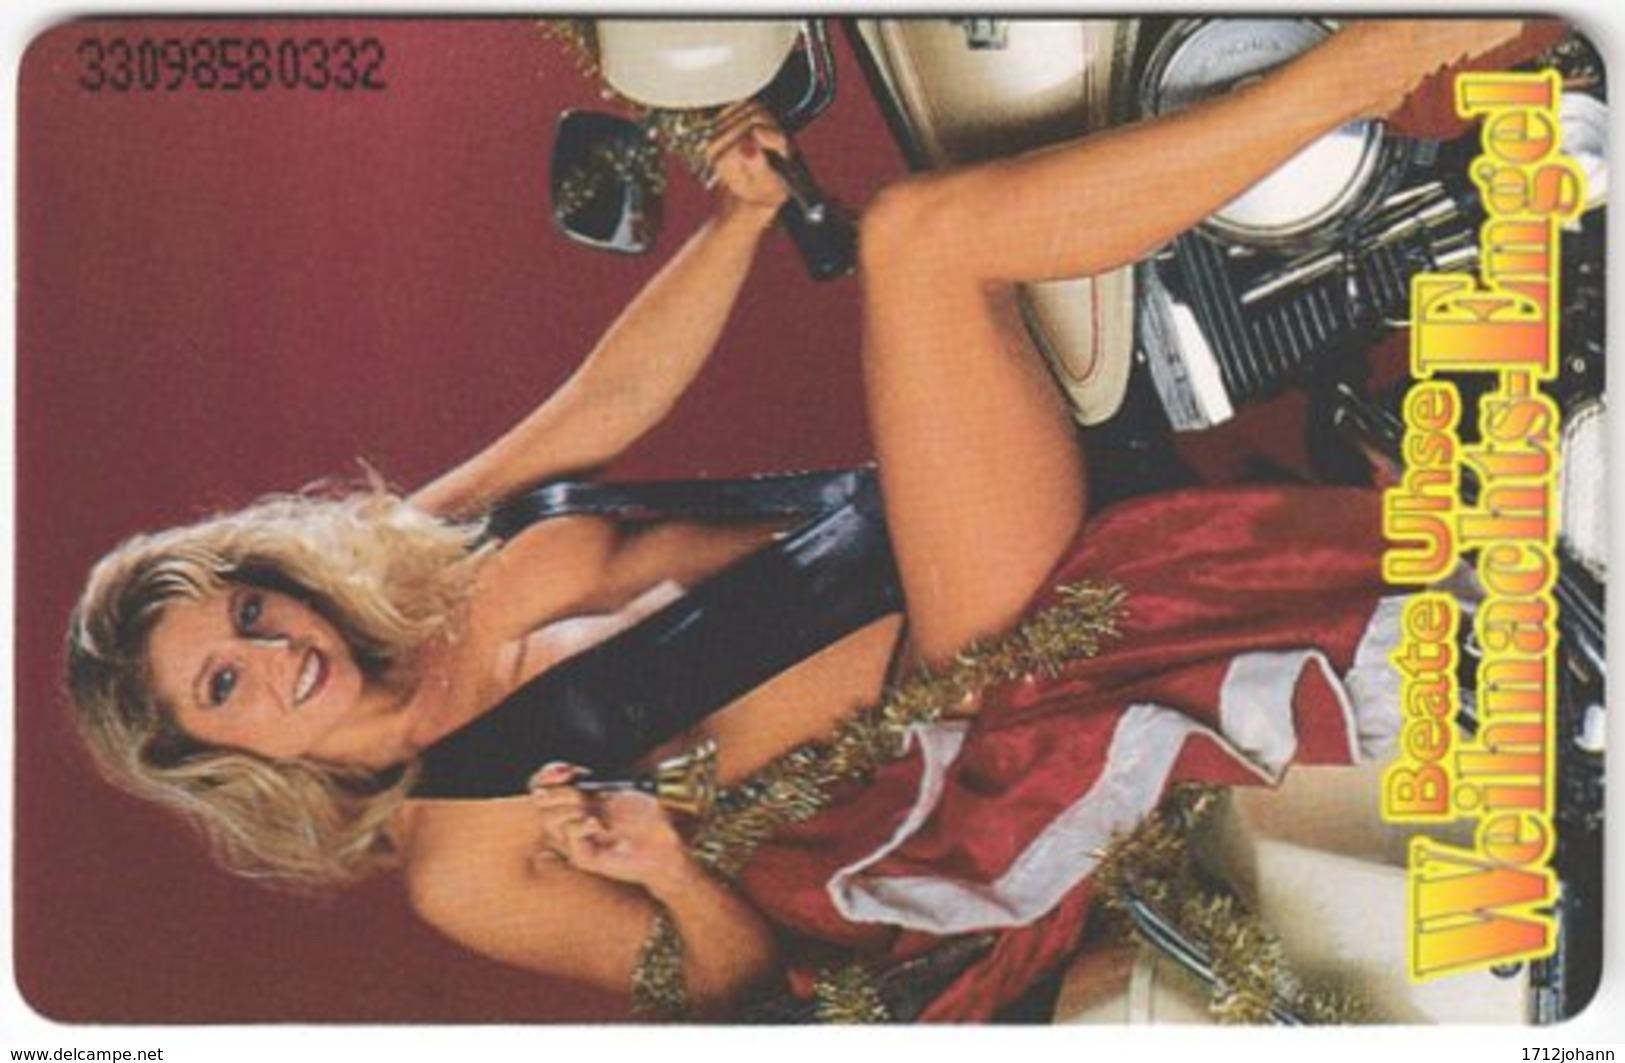 GERMANY O-Serie B-705 - 324N 09.93 - Woman, Erotic, Beate Uhse - Used - Deutschland